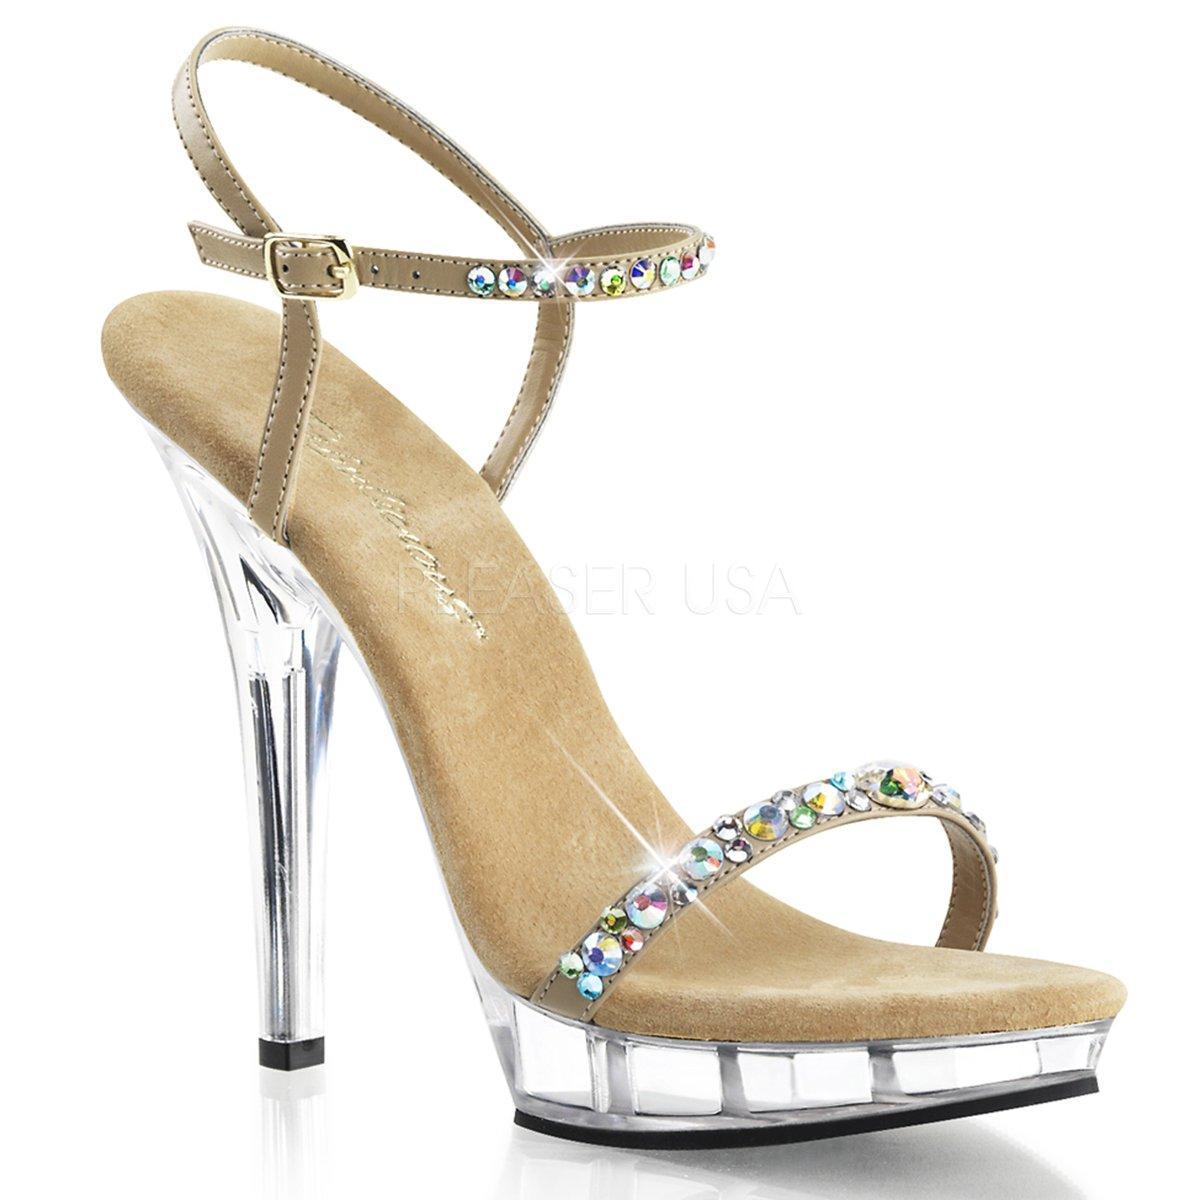 8e1bf0faeb LIP-131 Elegantní zlaté společenské sandálky s třpytivými pásky na vysokém  podpatku